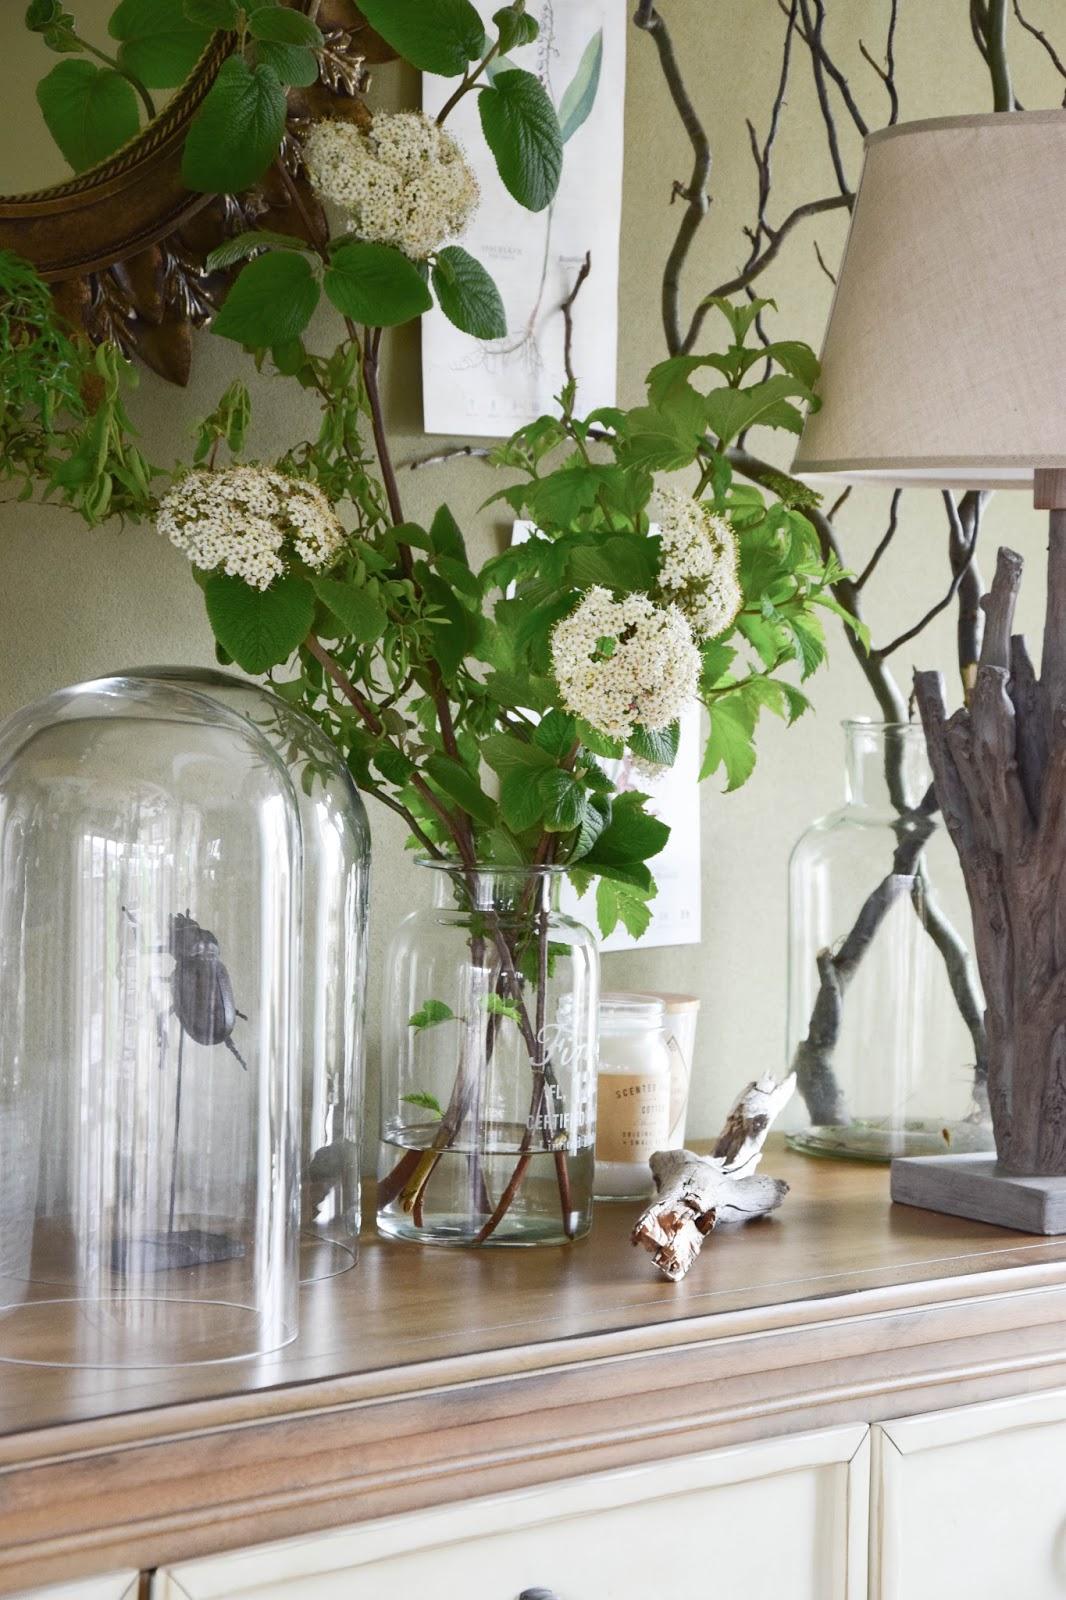 Botanische Deko für die Konsole und das Sideboard. Inspirationen, Beispiele und tolle Dekos. Ideen, Dekoidee, Deko, Dekoration Botanik, Sideboard, Wohnzimmer, Schneeball